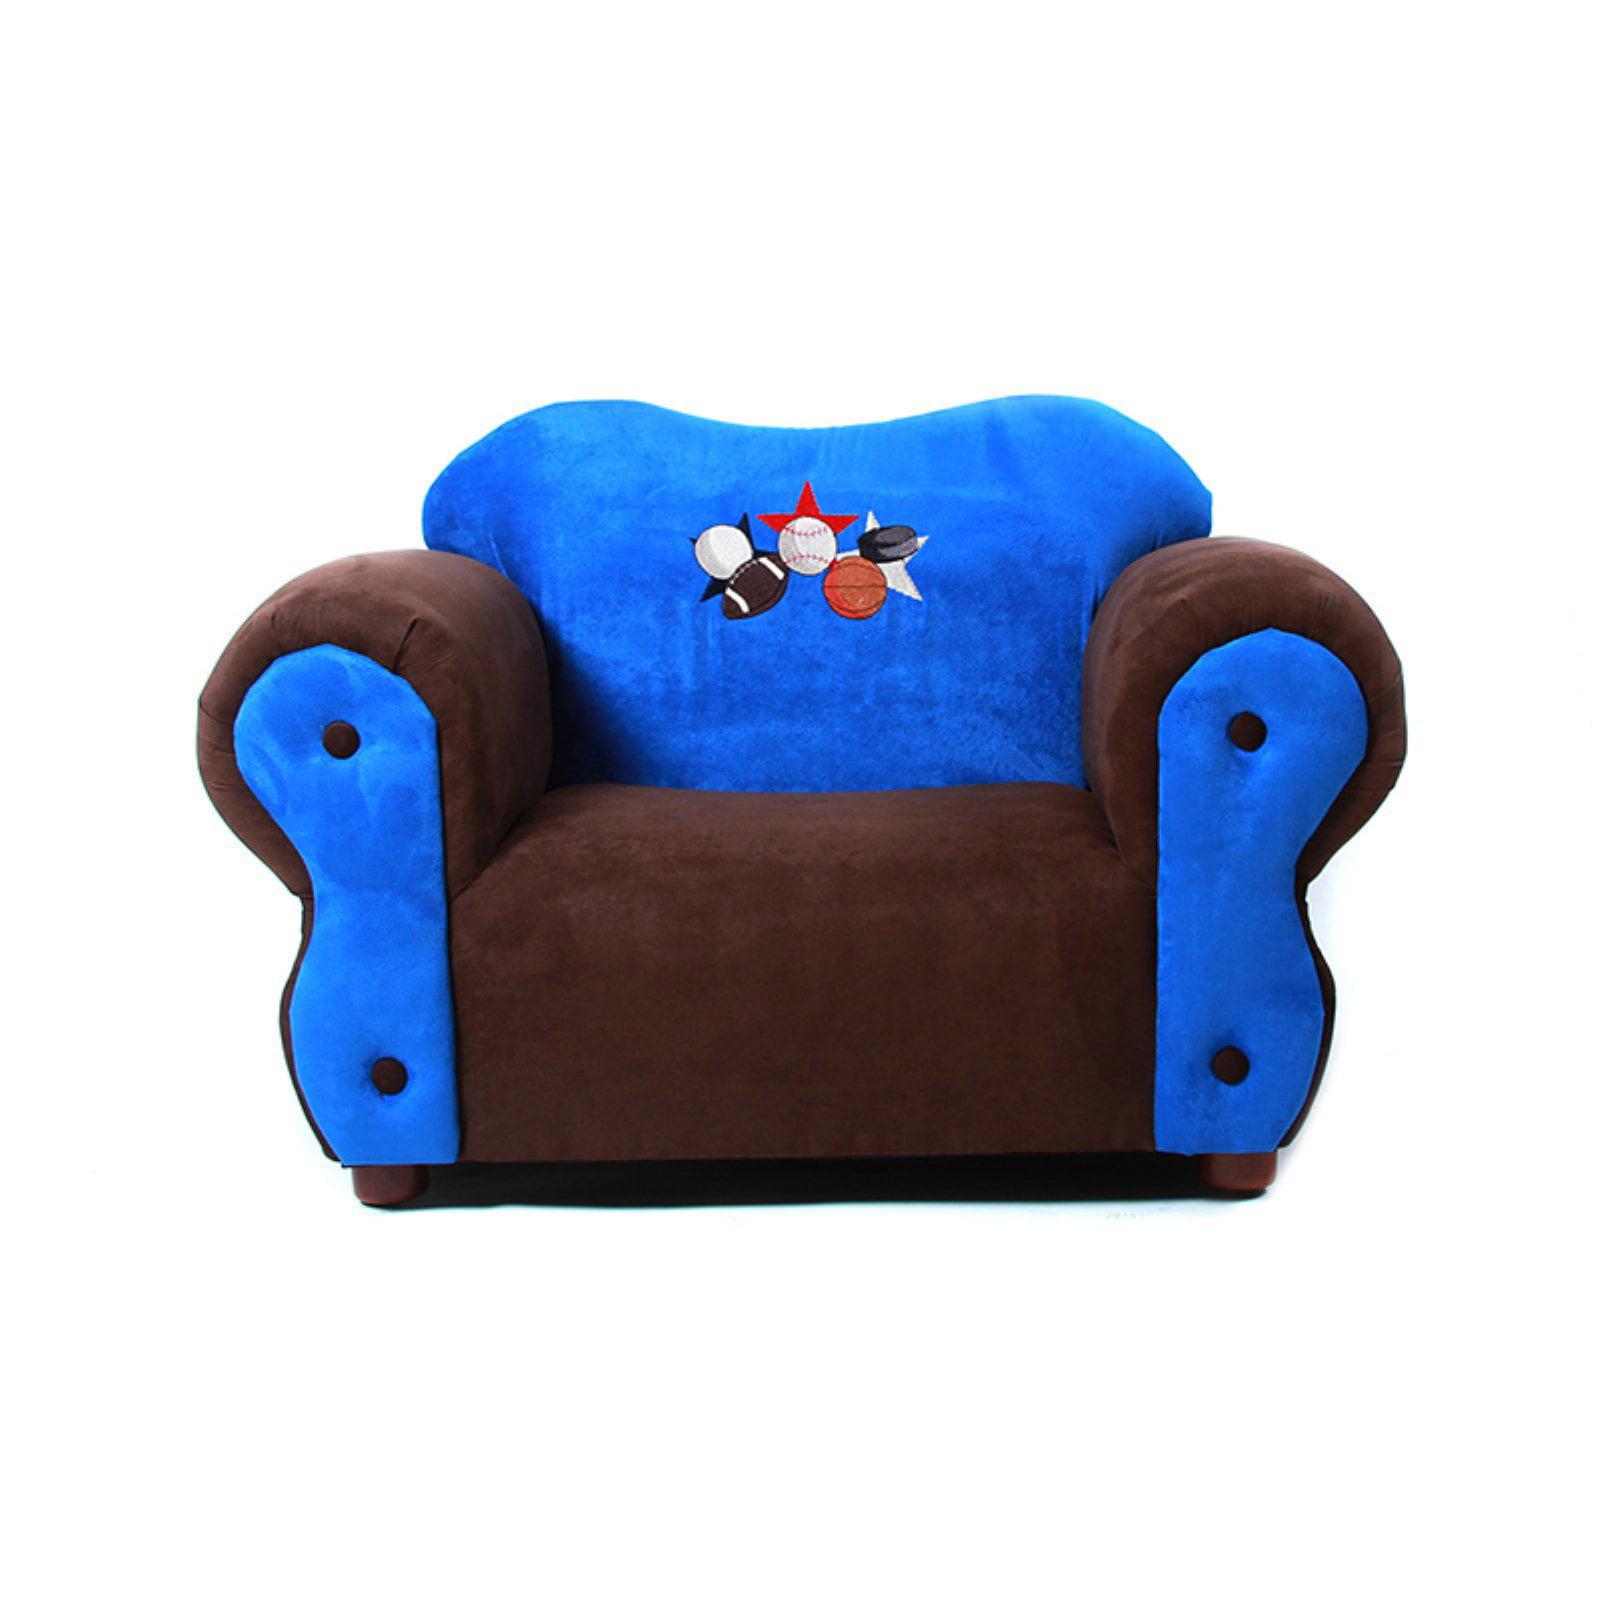 KEET Comfy Kids Chair - Sports